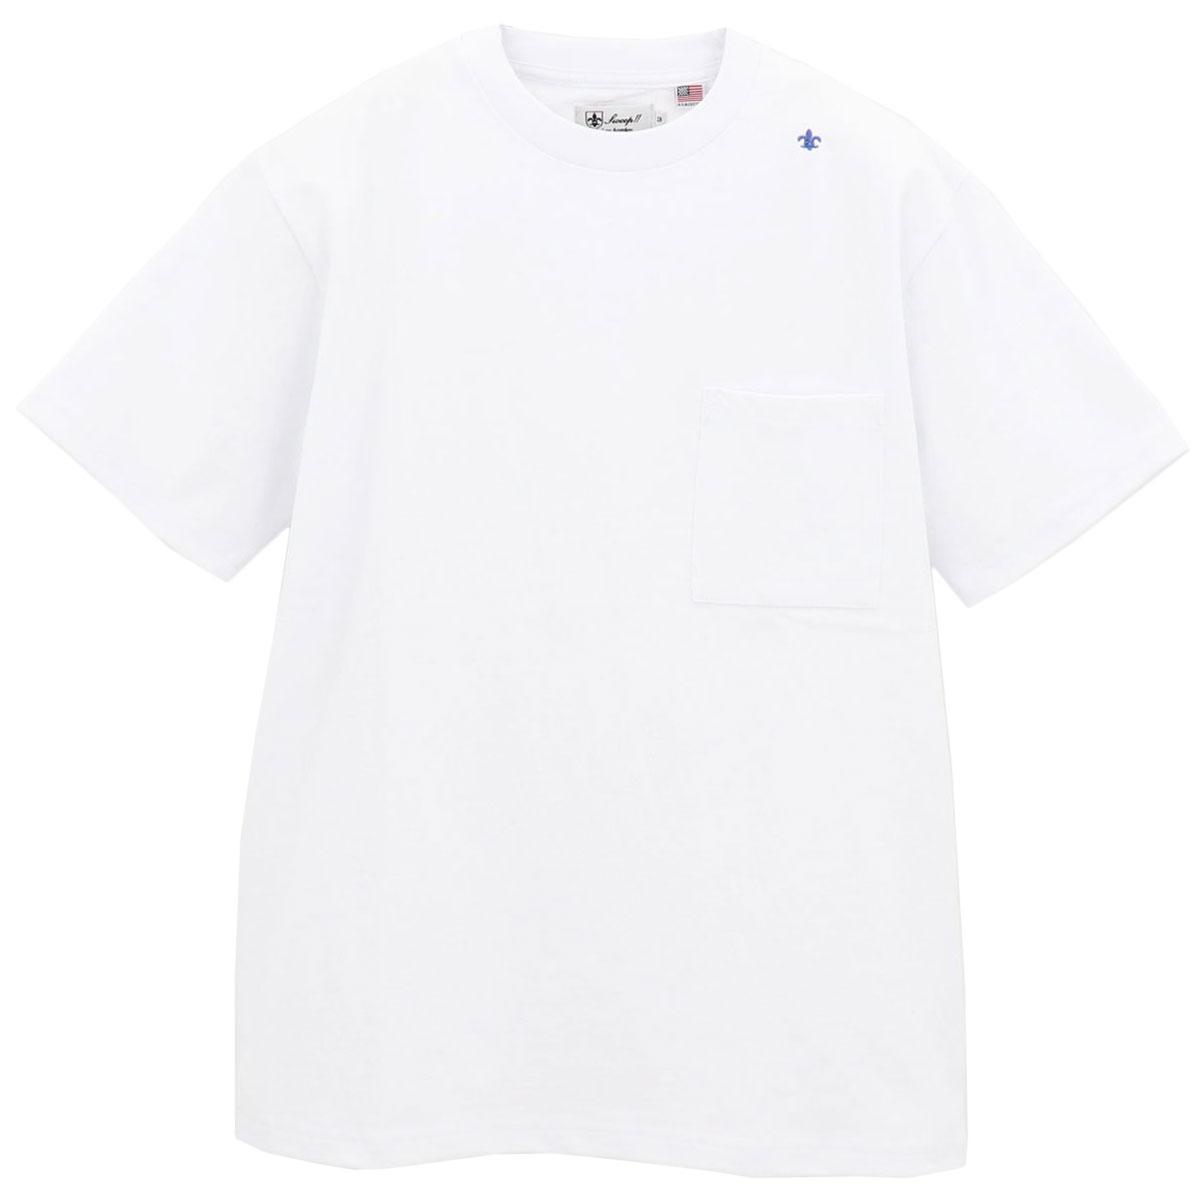 USAコットン クルーネック 半袖 Tシャツ WHITE(ホワイト)